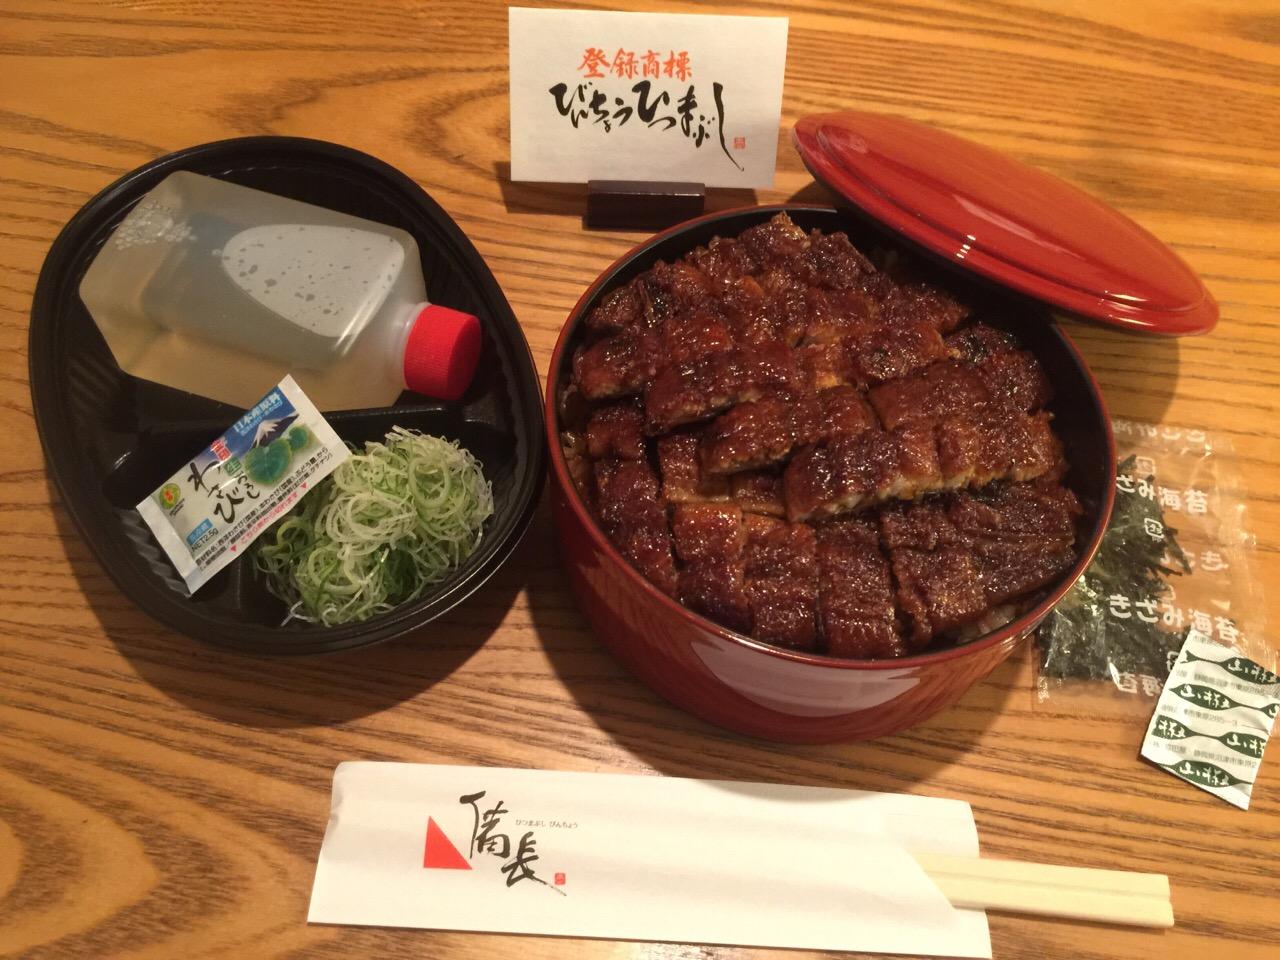 ひつまぶし名古屋 備長 金シャチ横丁店の料理写真